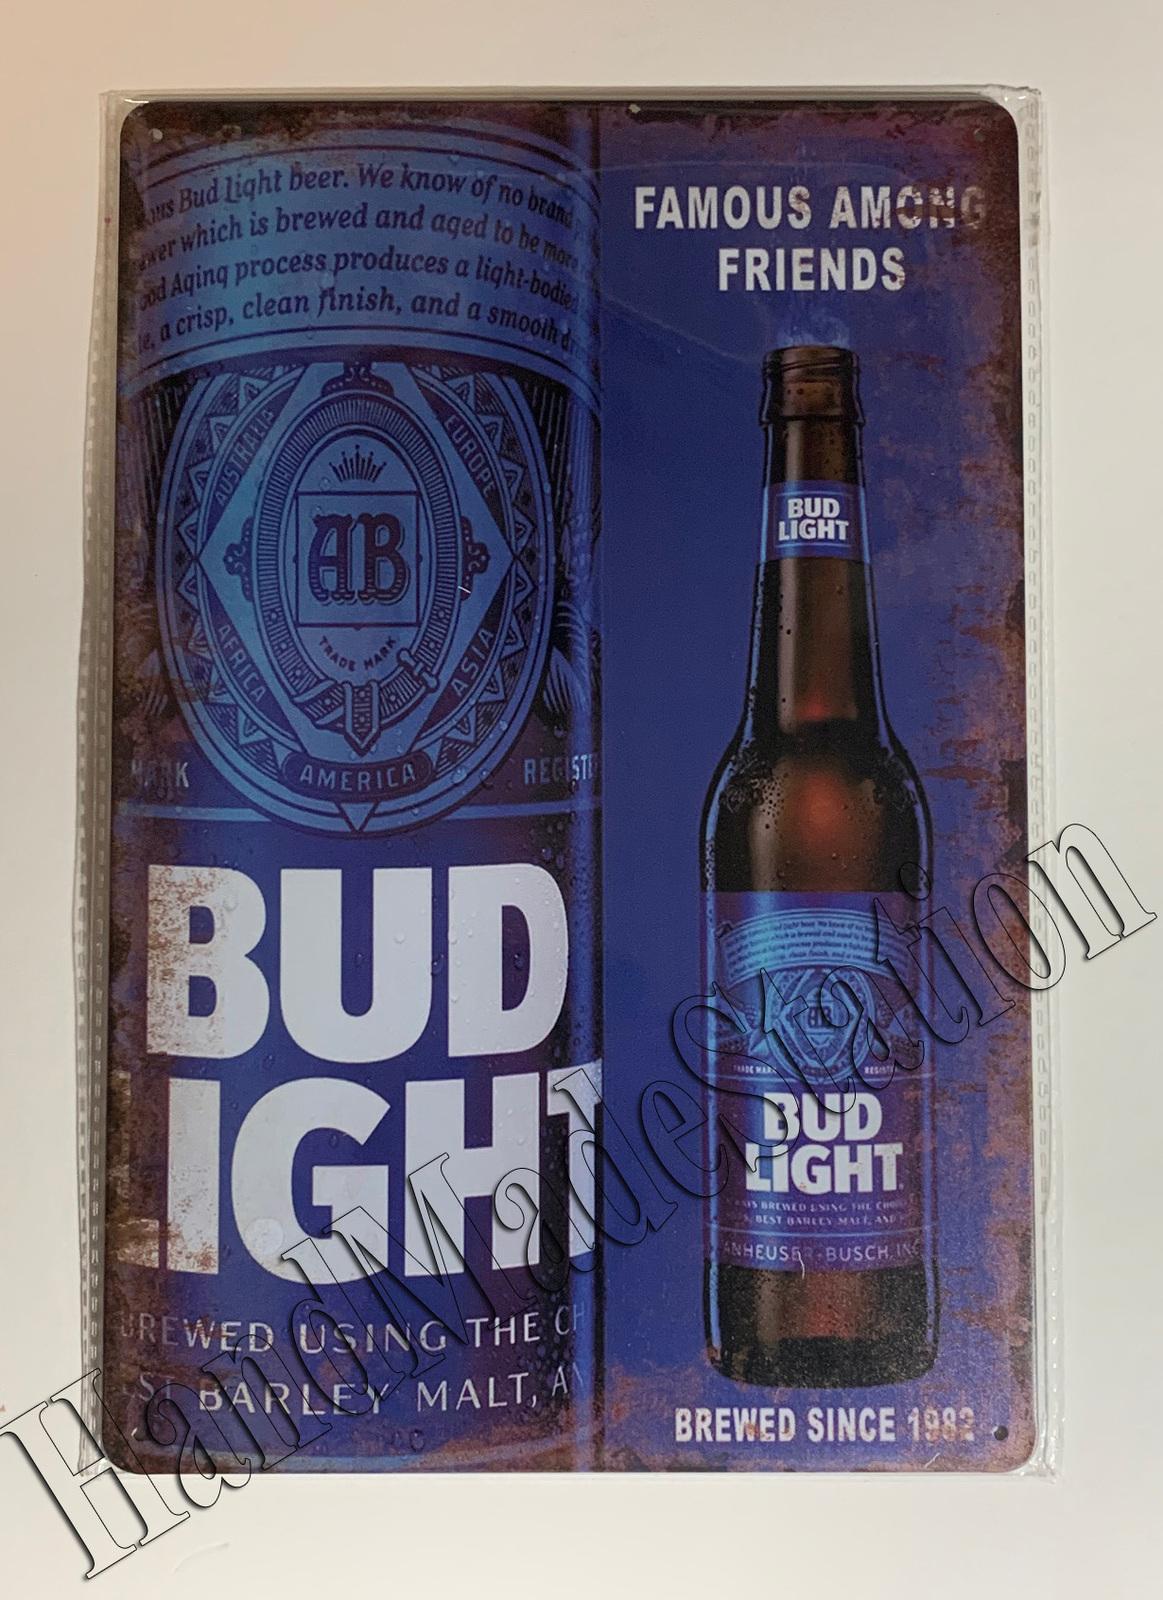 Budweiser light logo